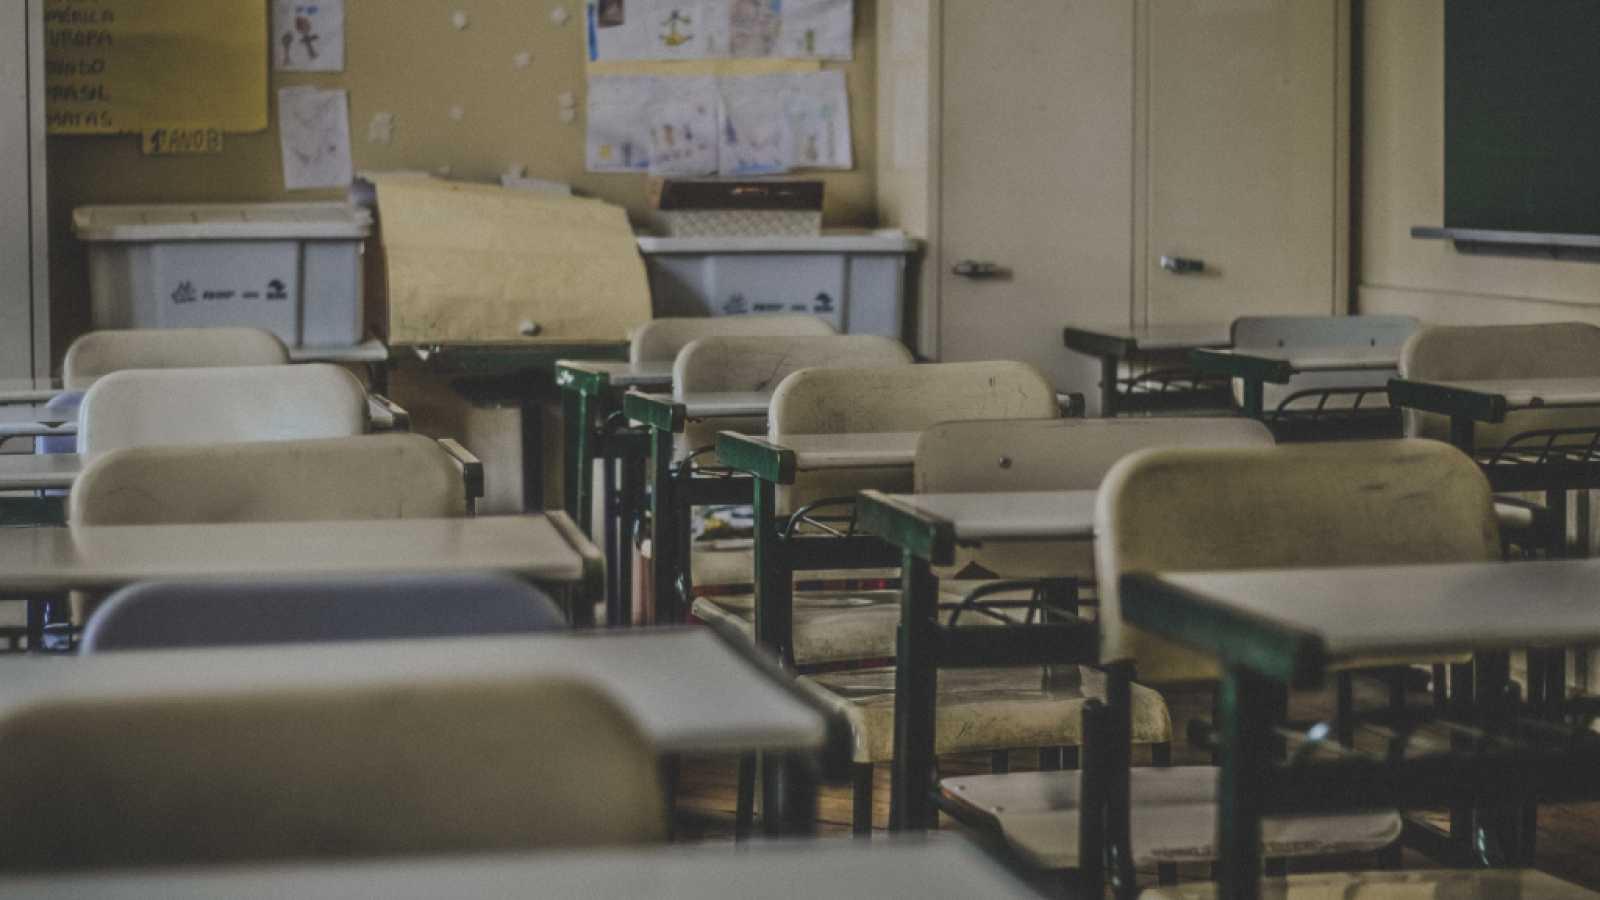 """Profesores y alumnos critican la vuelta a las aulas: """"La educación segura debe ser una prioridad"""""""